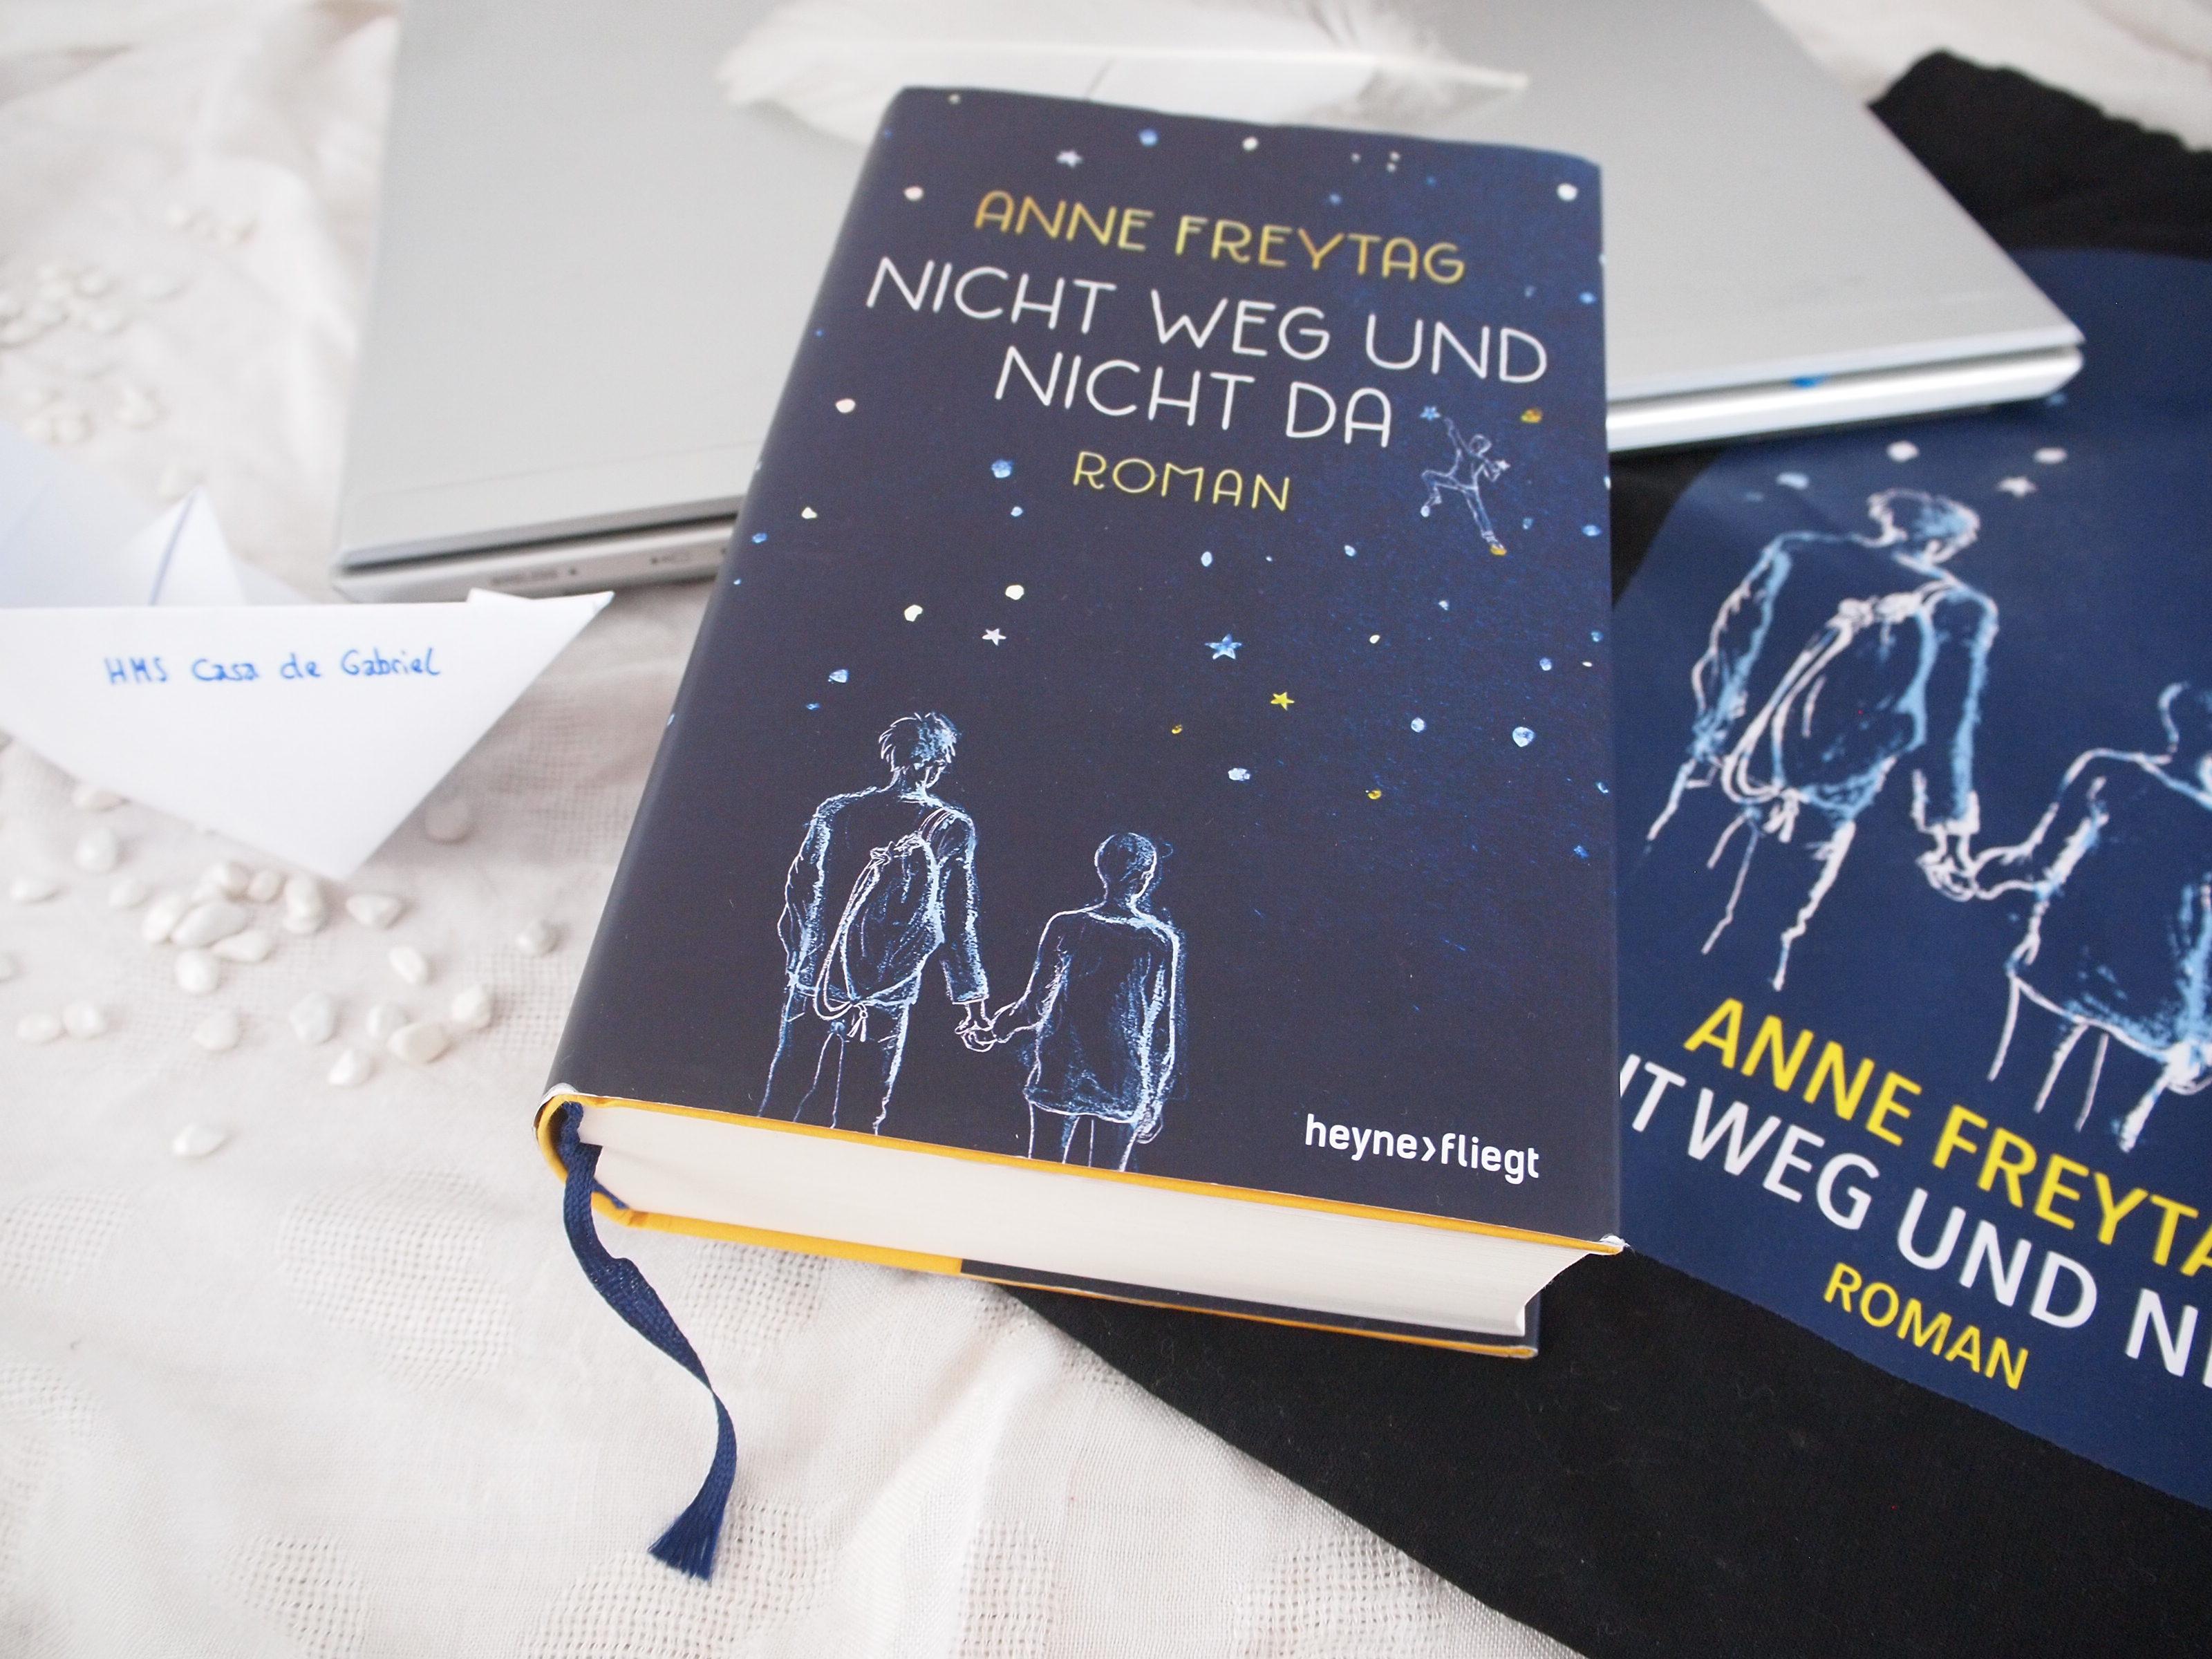 Anne Freytag - Nicht weg und nicht da